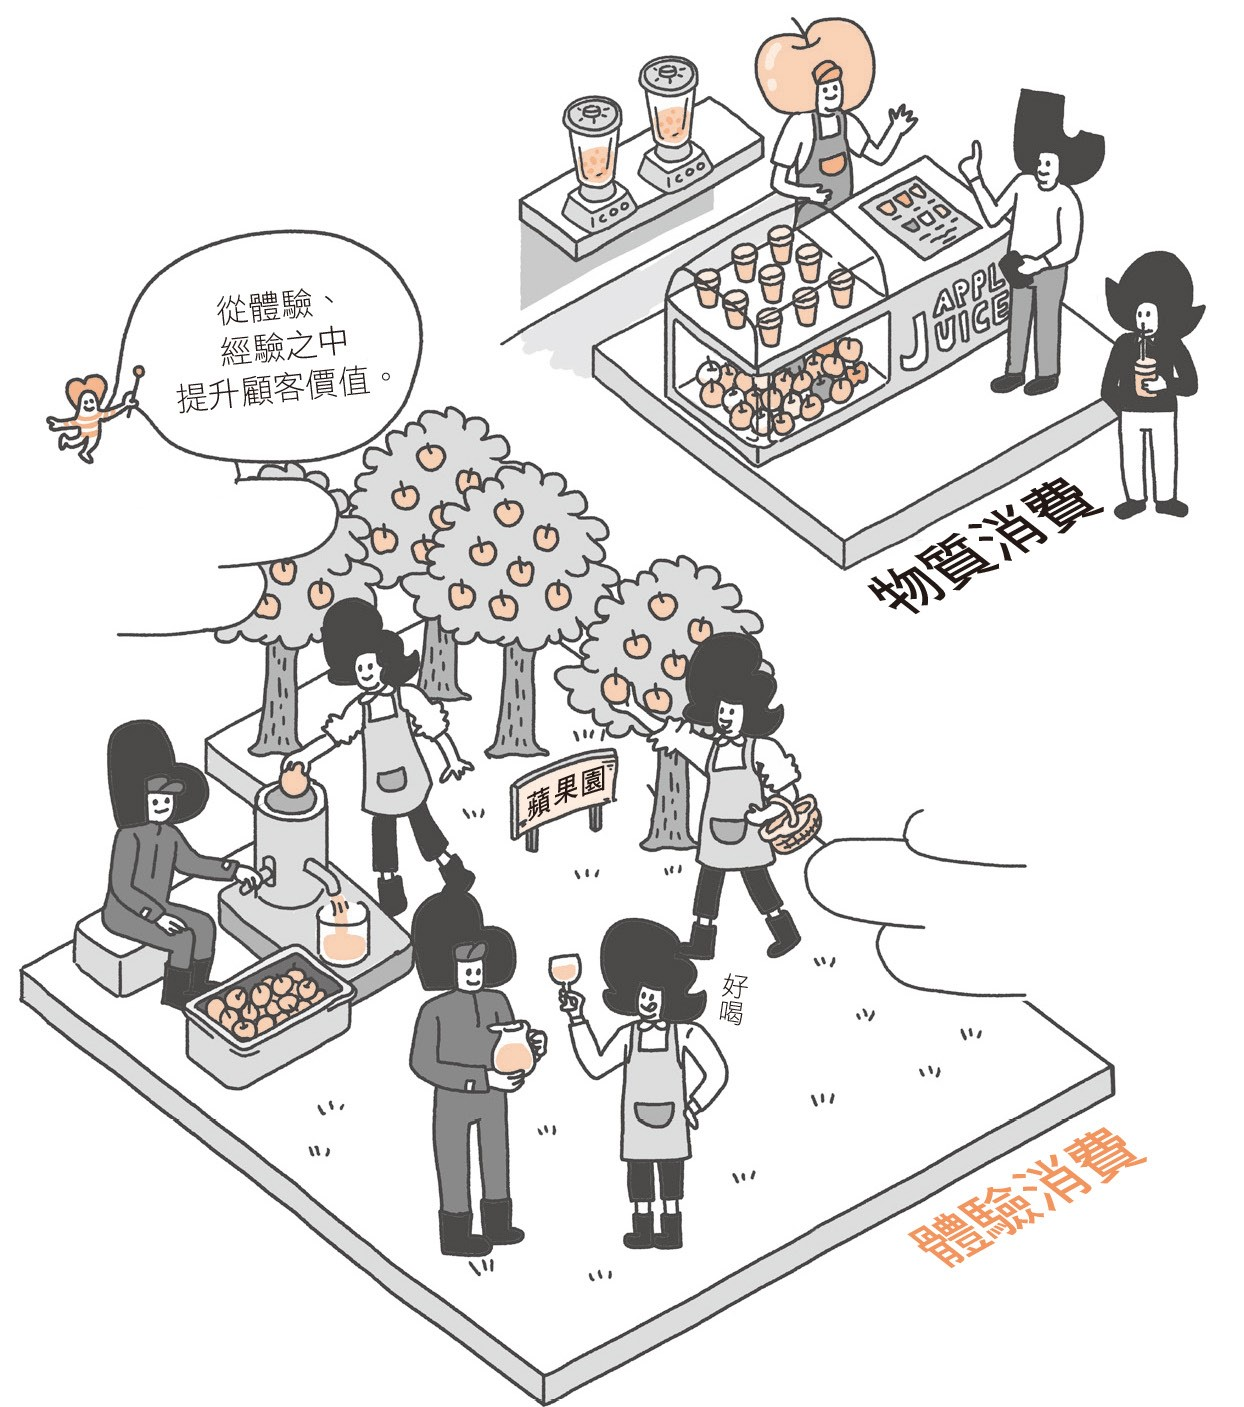 體驗消費與物質消費